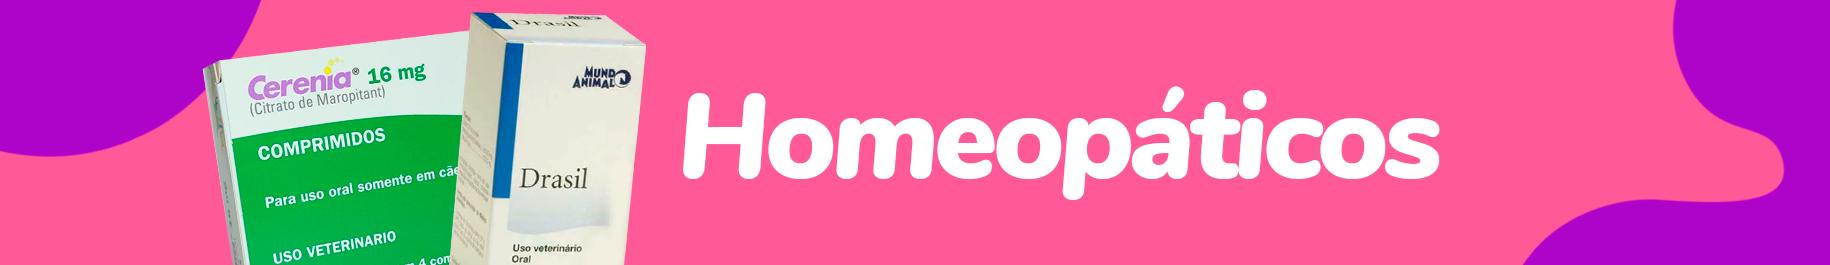 Homeopaticos